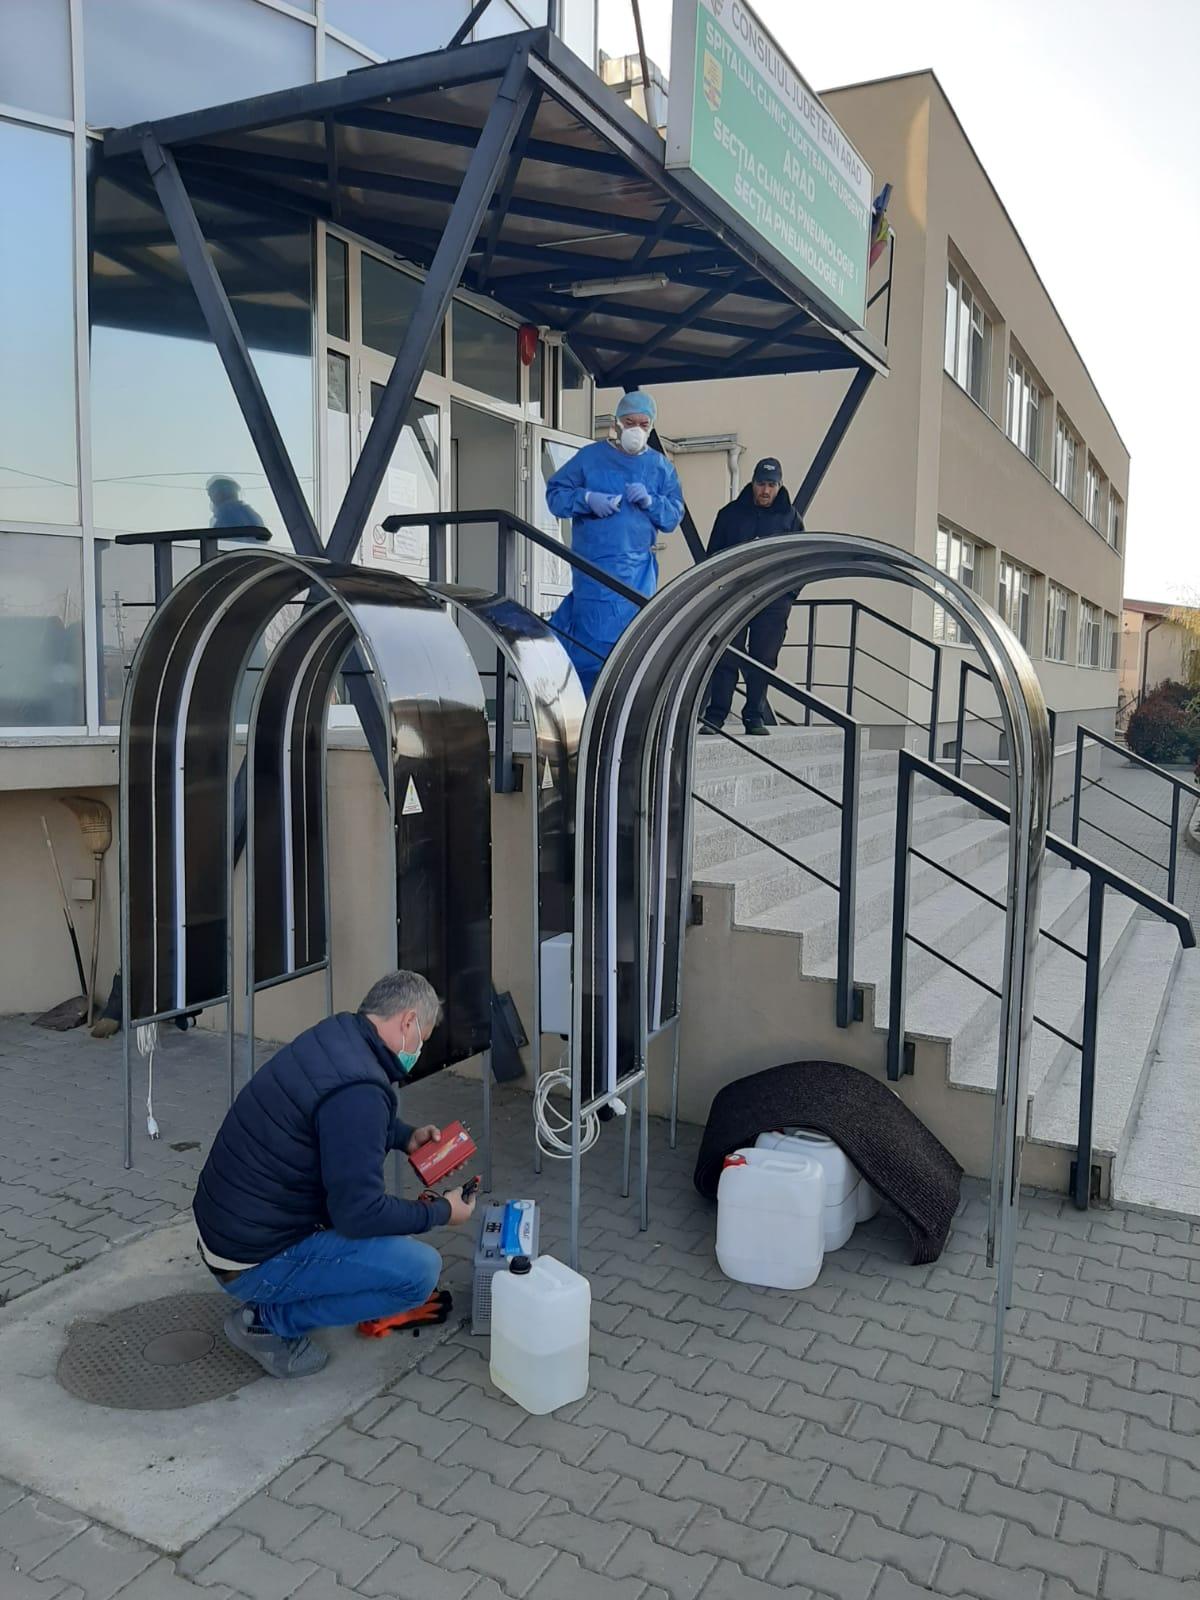 Cinci tuneluri de dezinfectare, montate la Spitalul din Grădişte